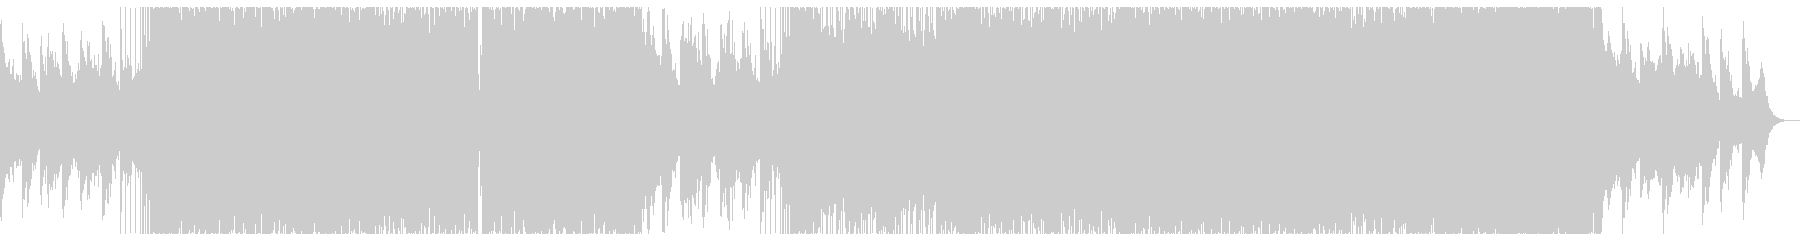 ピアノの穏やかなリキッドドラムンベース。の未再生の波形